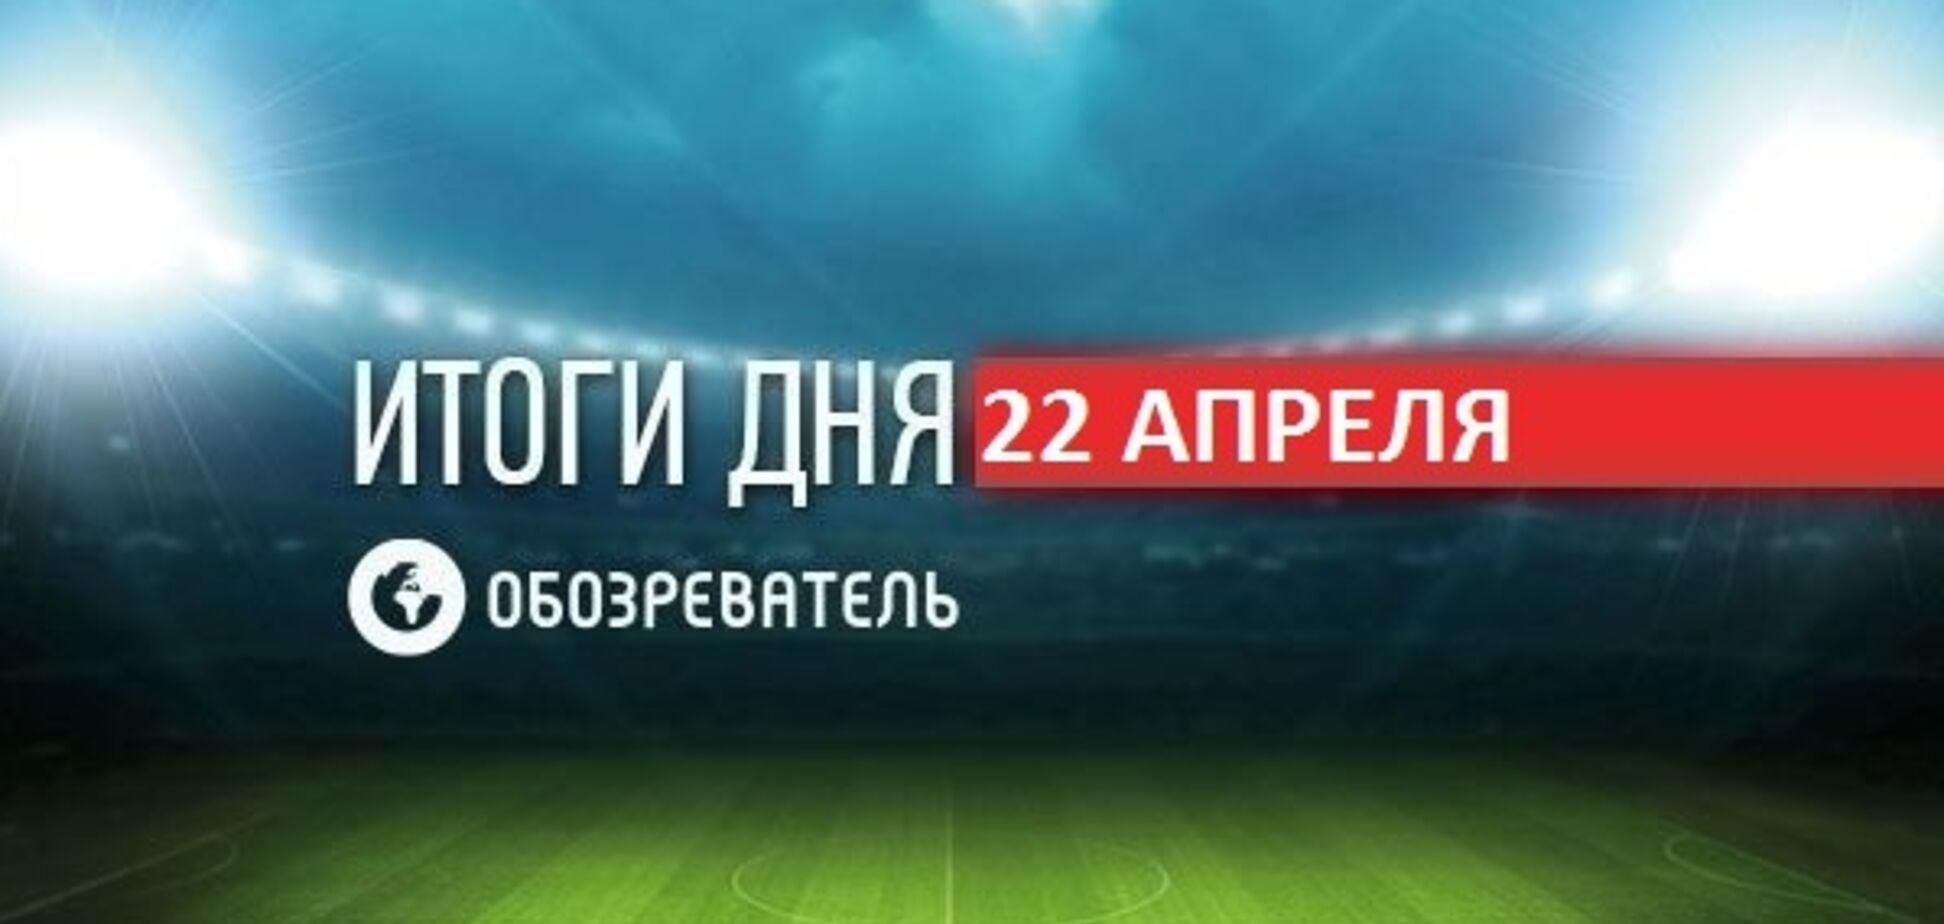 Усик резко отреагировал на результаты выборов: спортивные итоги 22 апреля